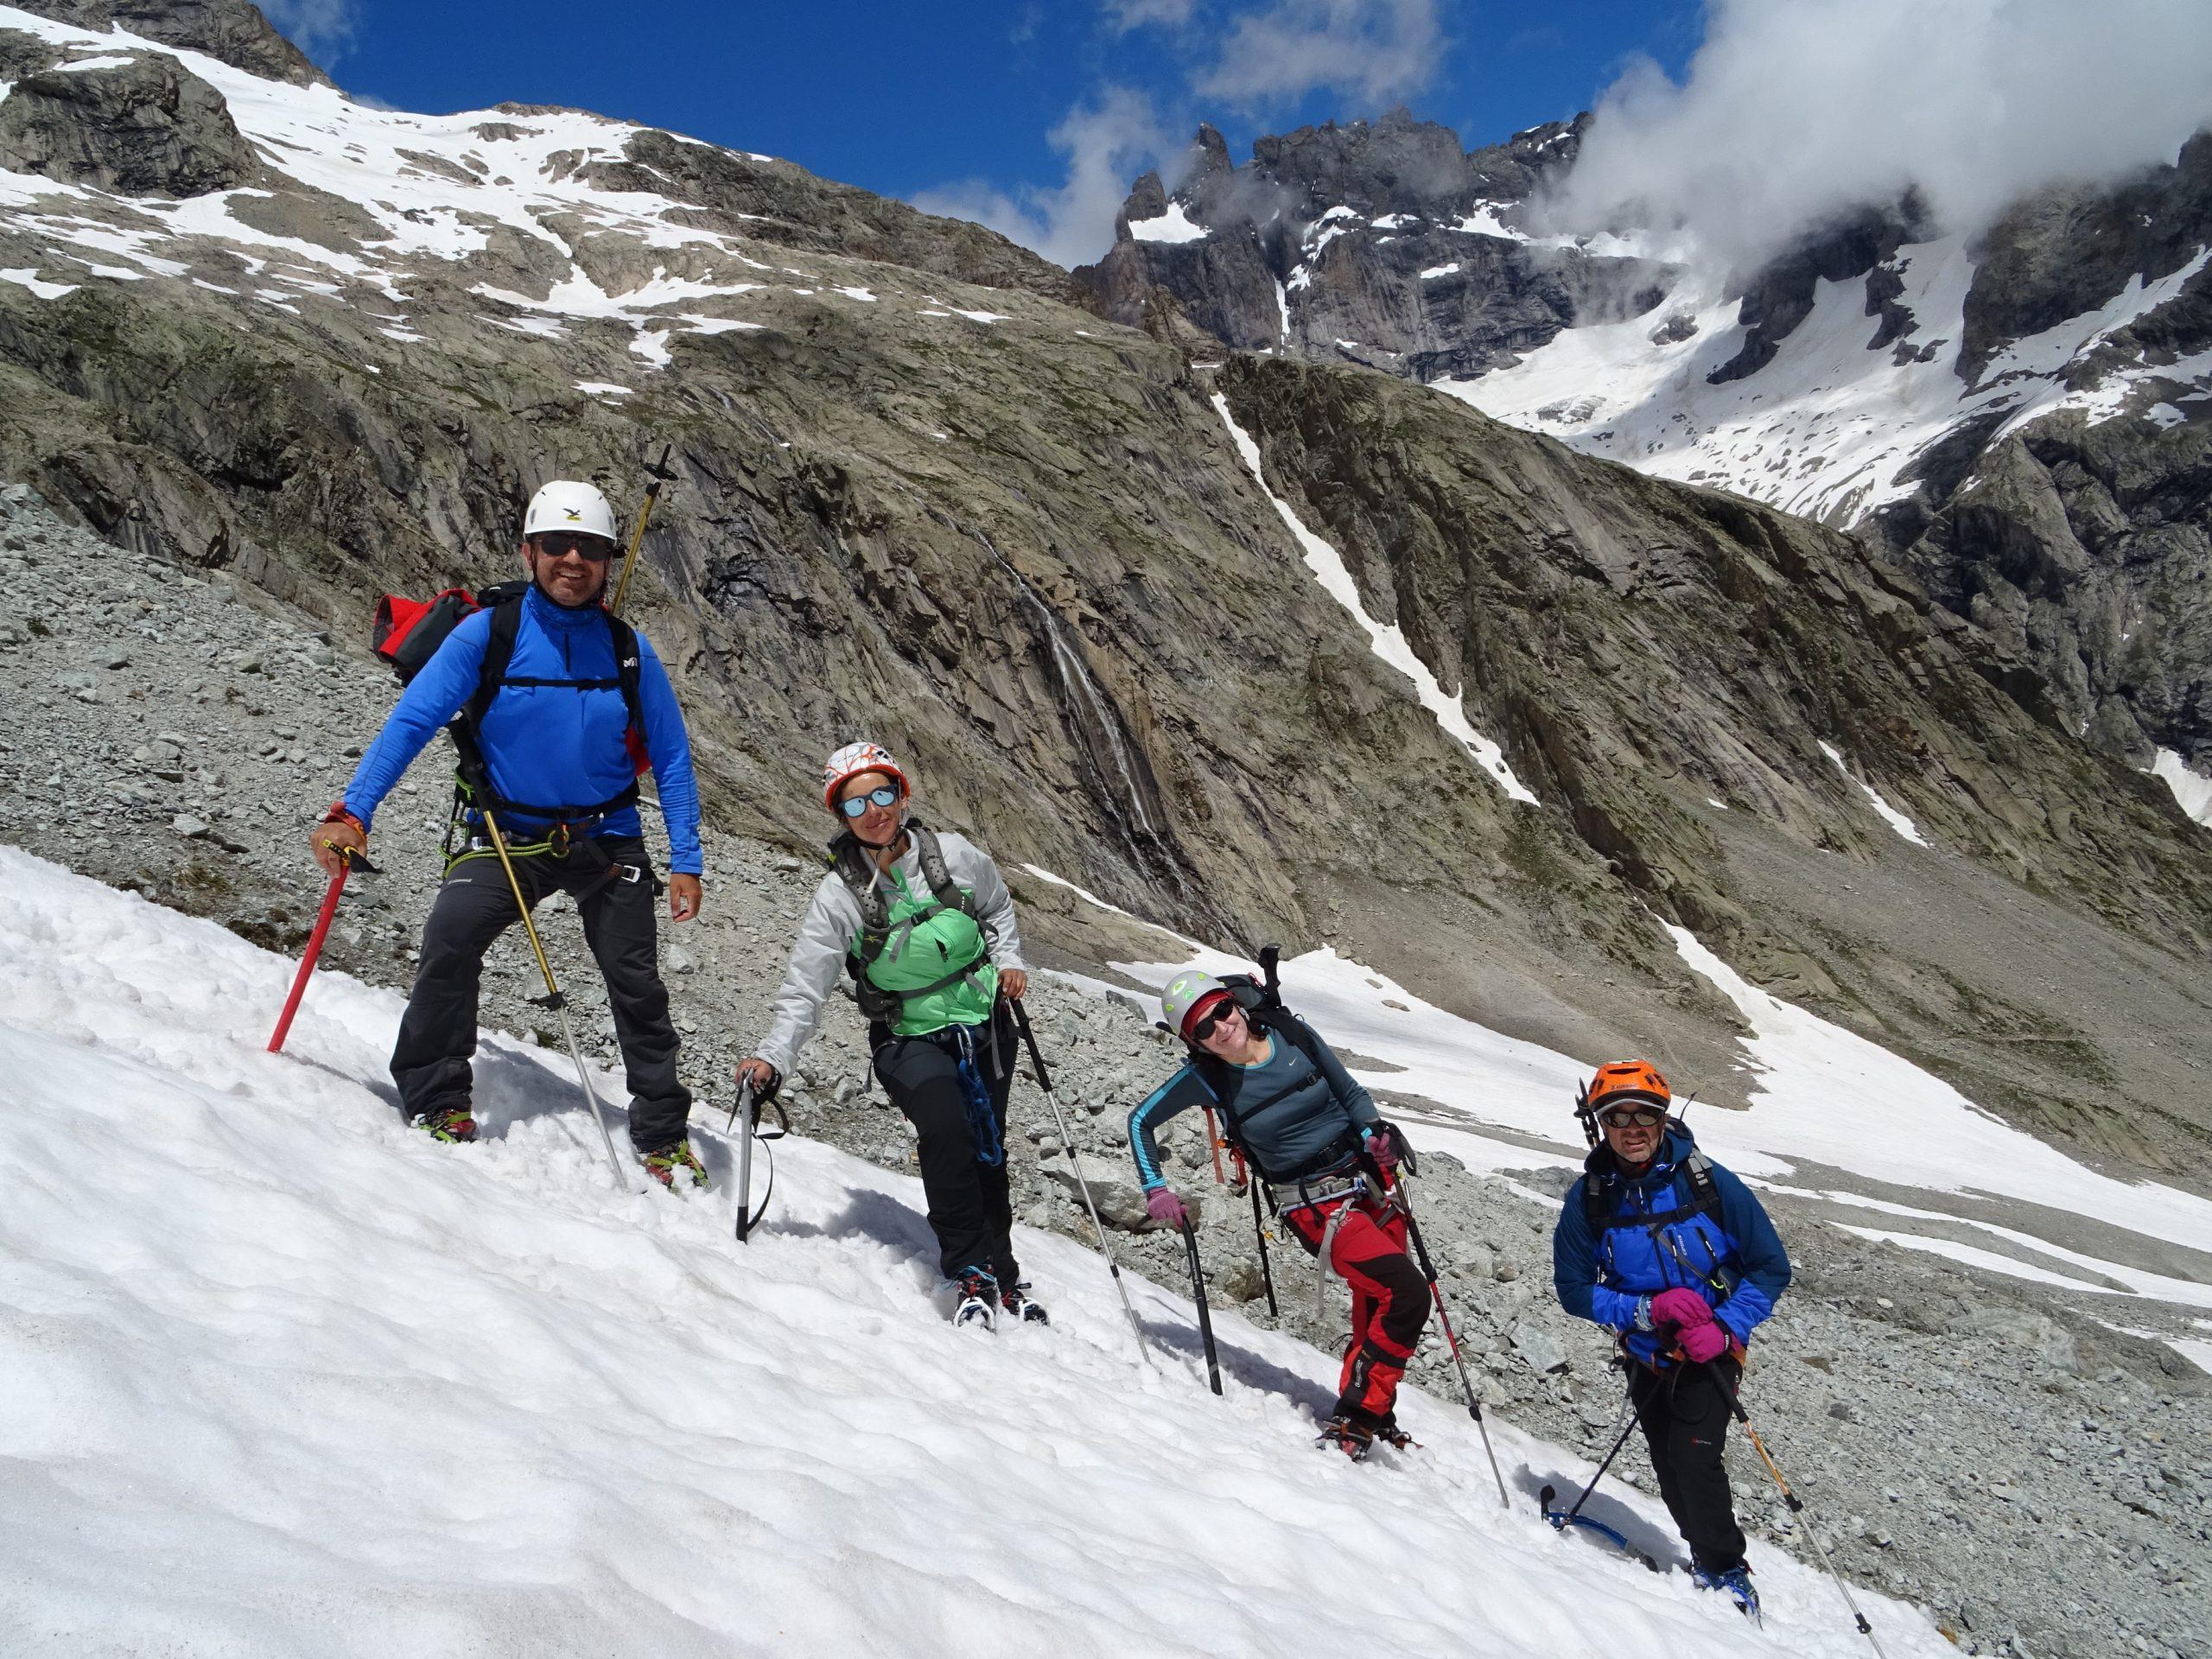 Ascensiones y glaciares en los Ecrins